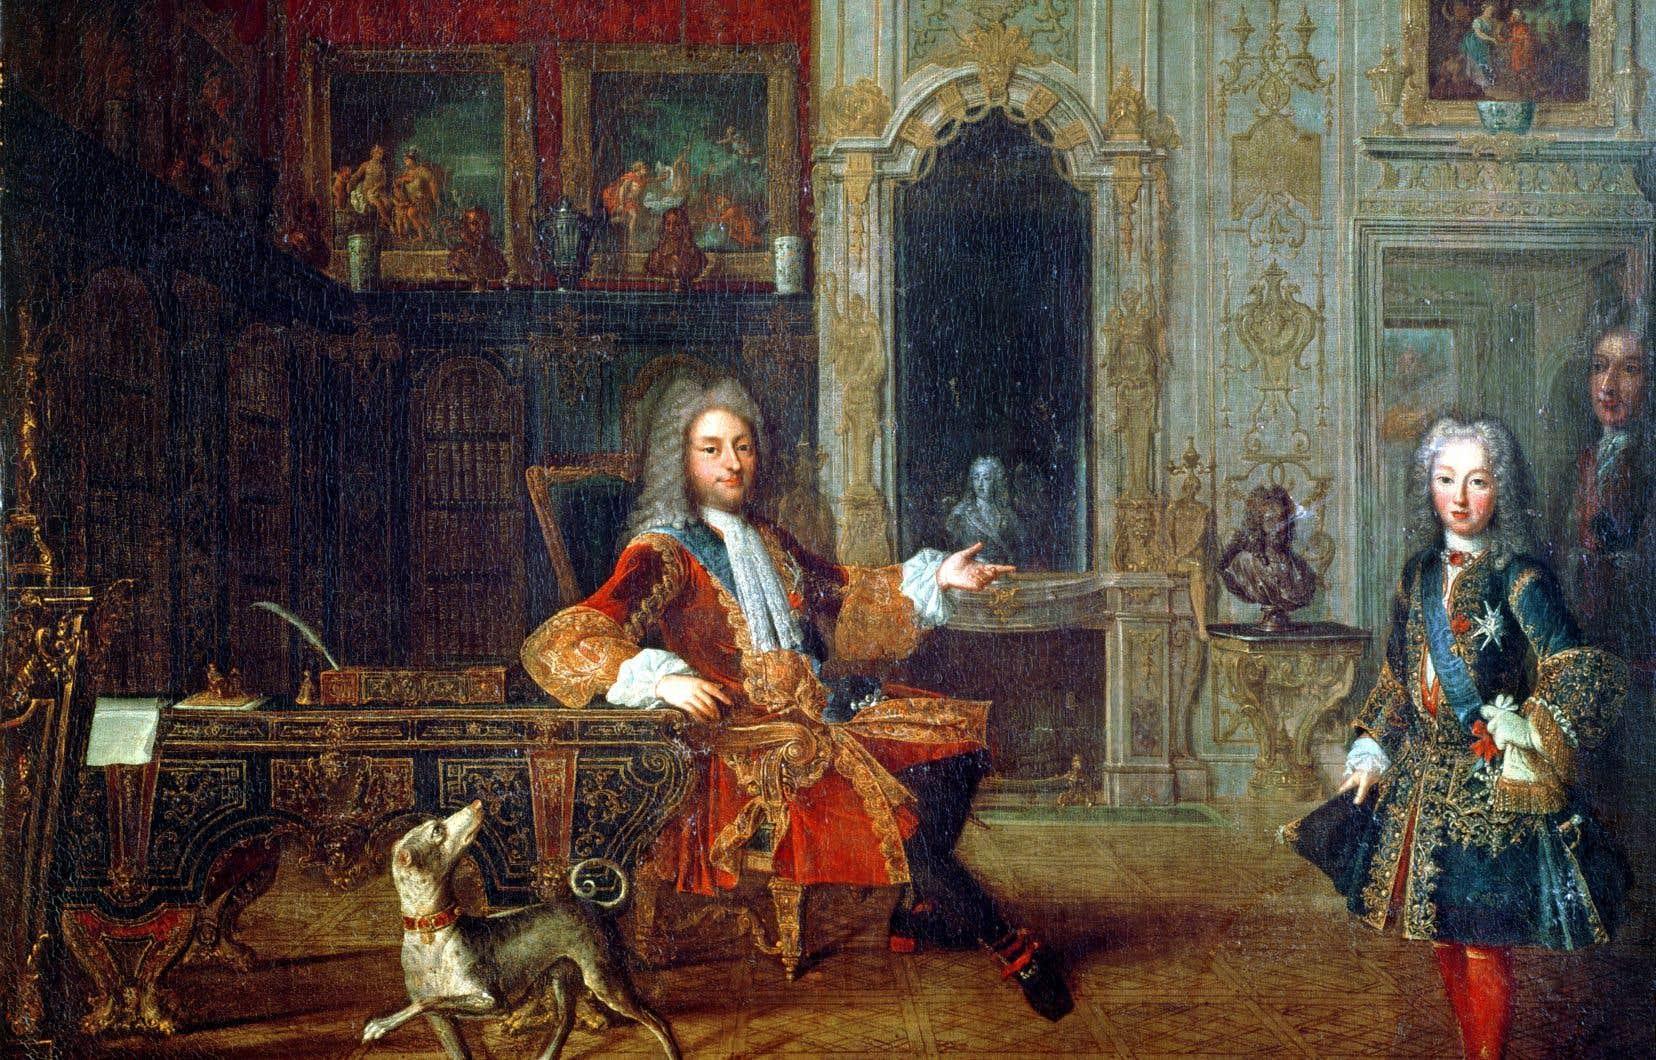 Malgré ses mœurs décadentes, Philippe d'Orléans connut contre toute attente l'un des règnes les moins compliqués de l'histoire de France.